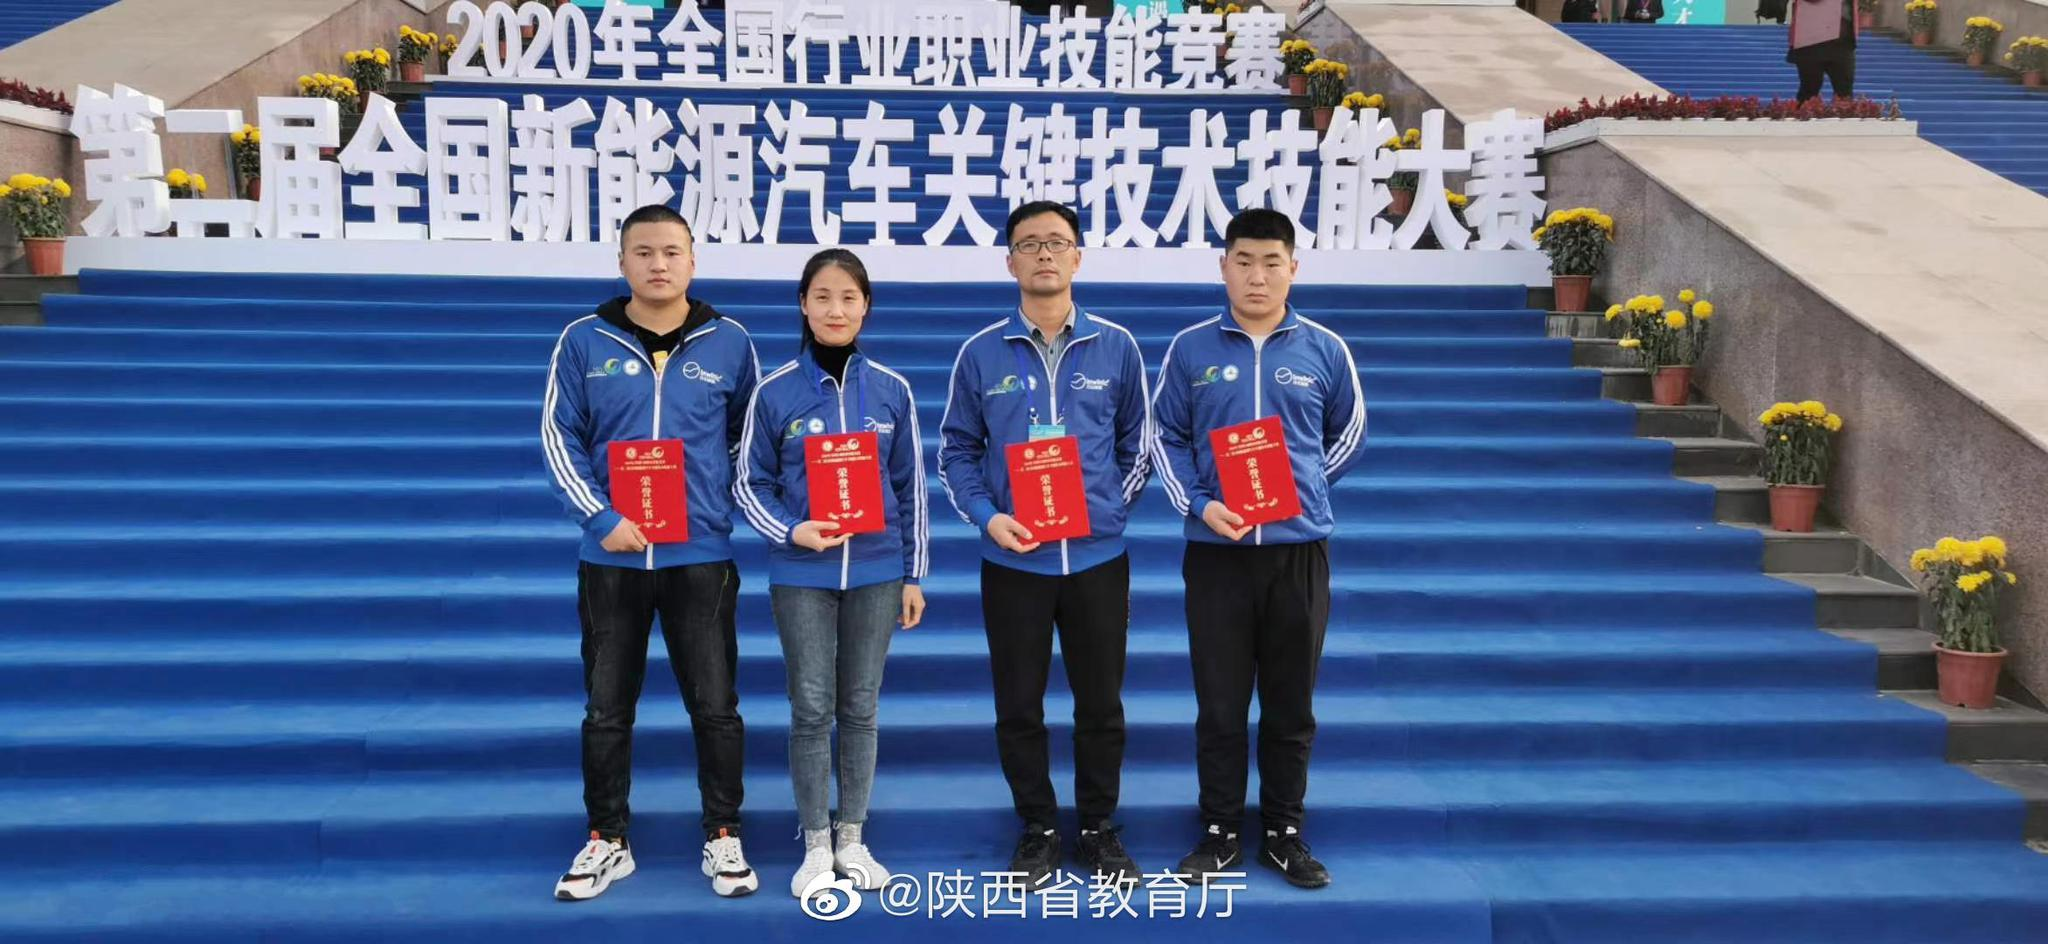 咸阳职院师生在全国新能源汽车关键技术技能大赛中喜获佳绩